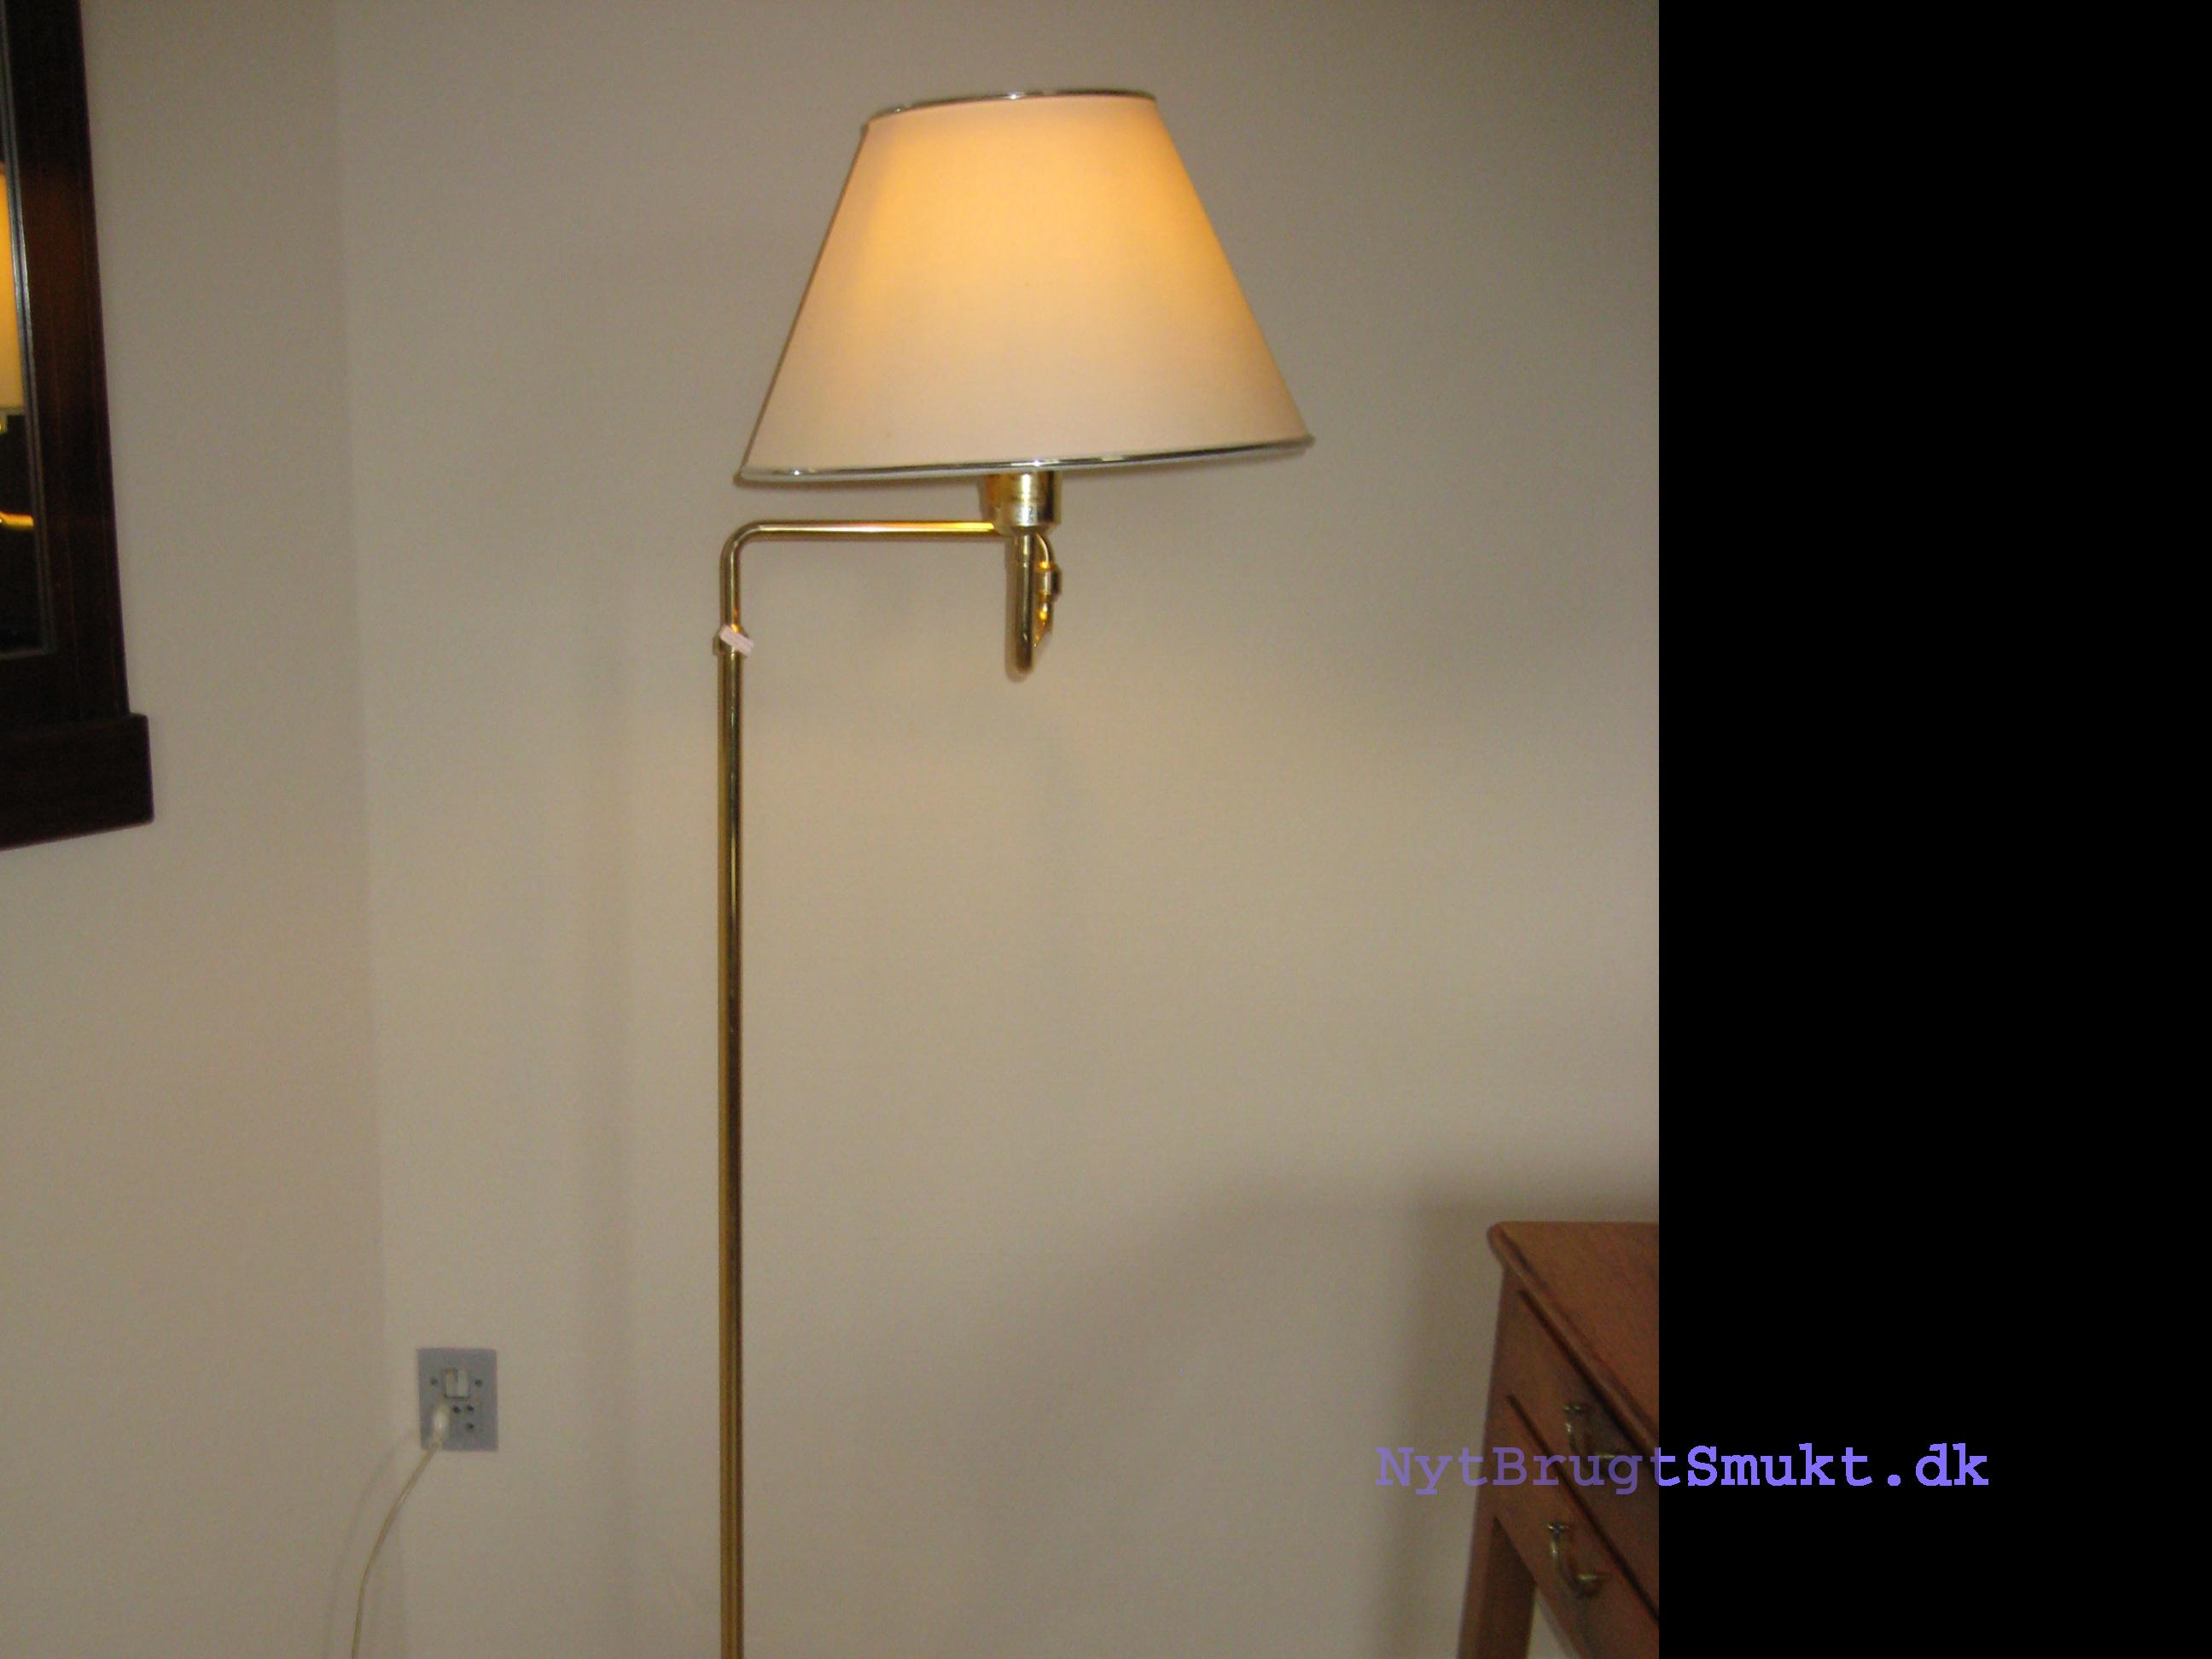 Standerlampe Brugt